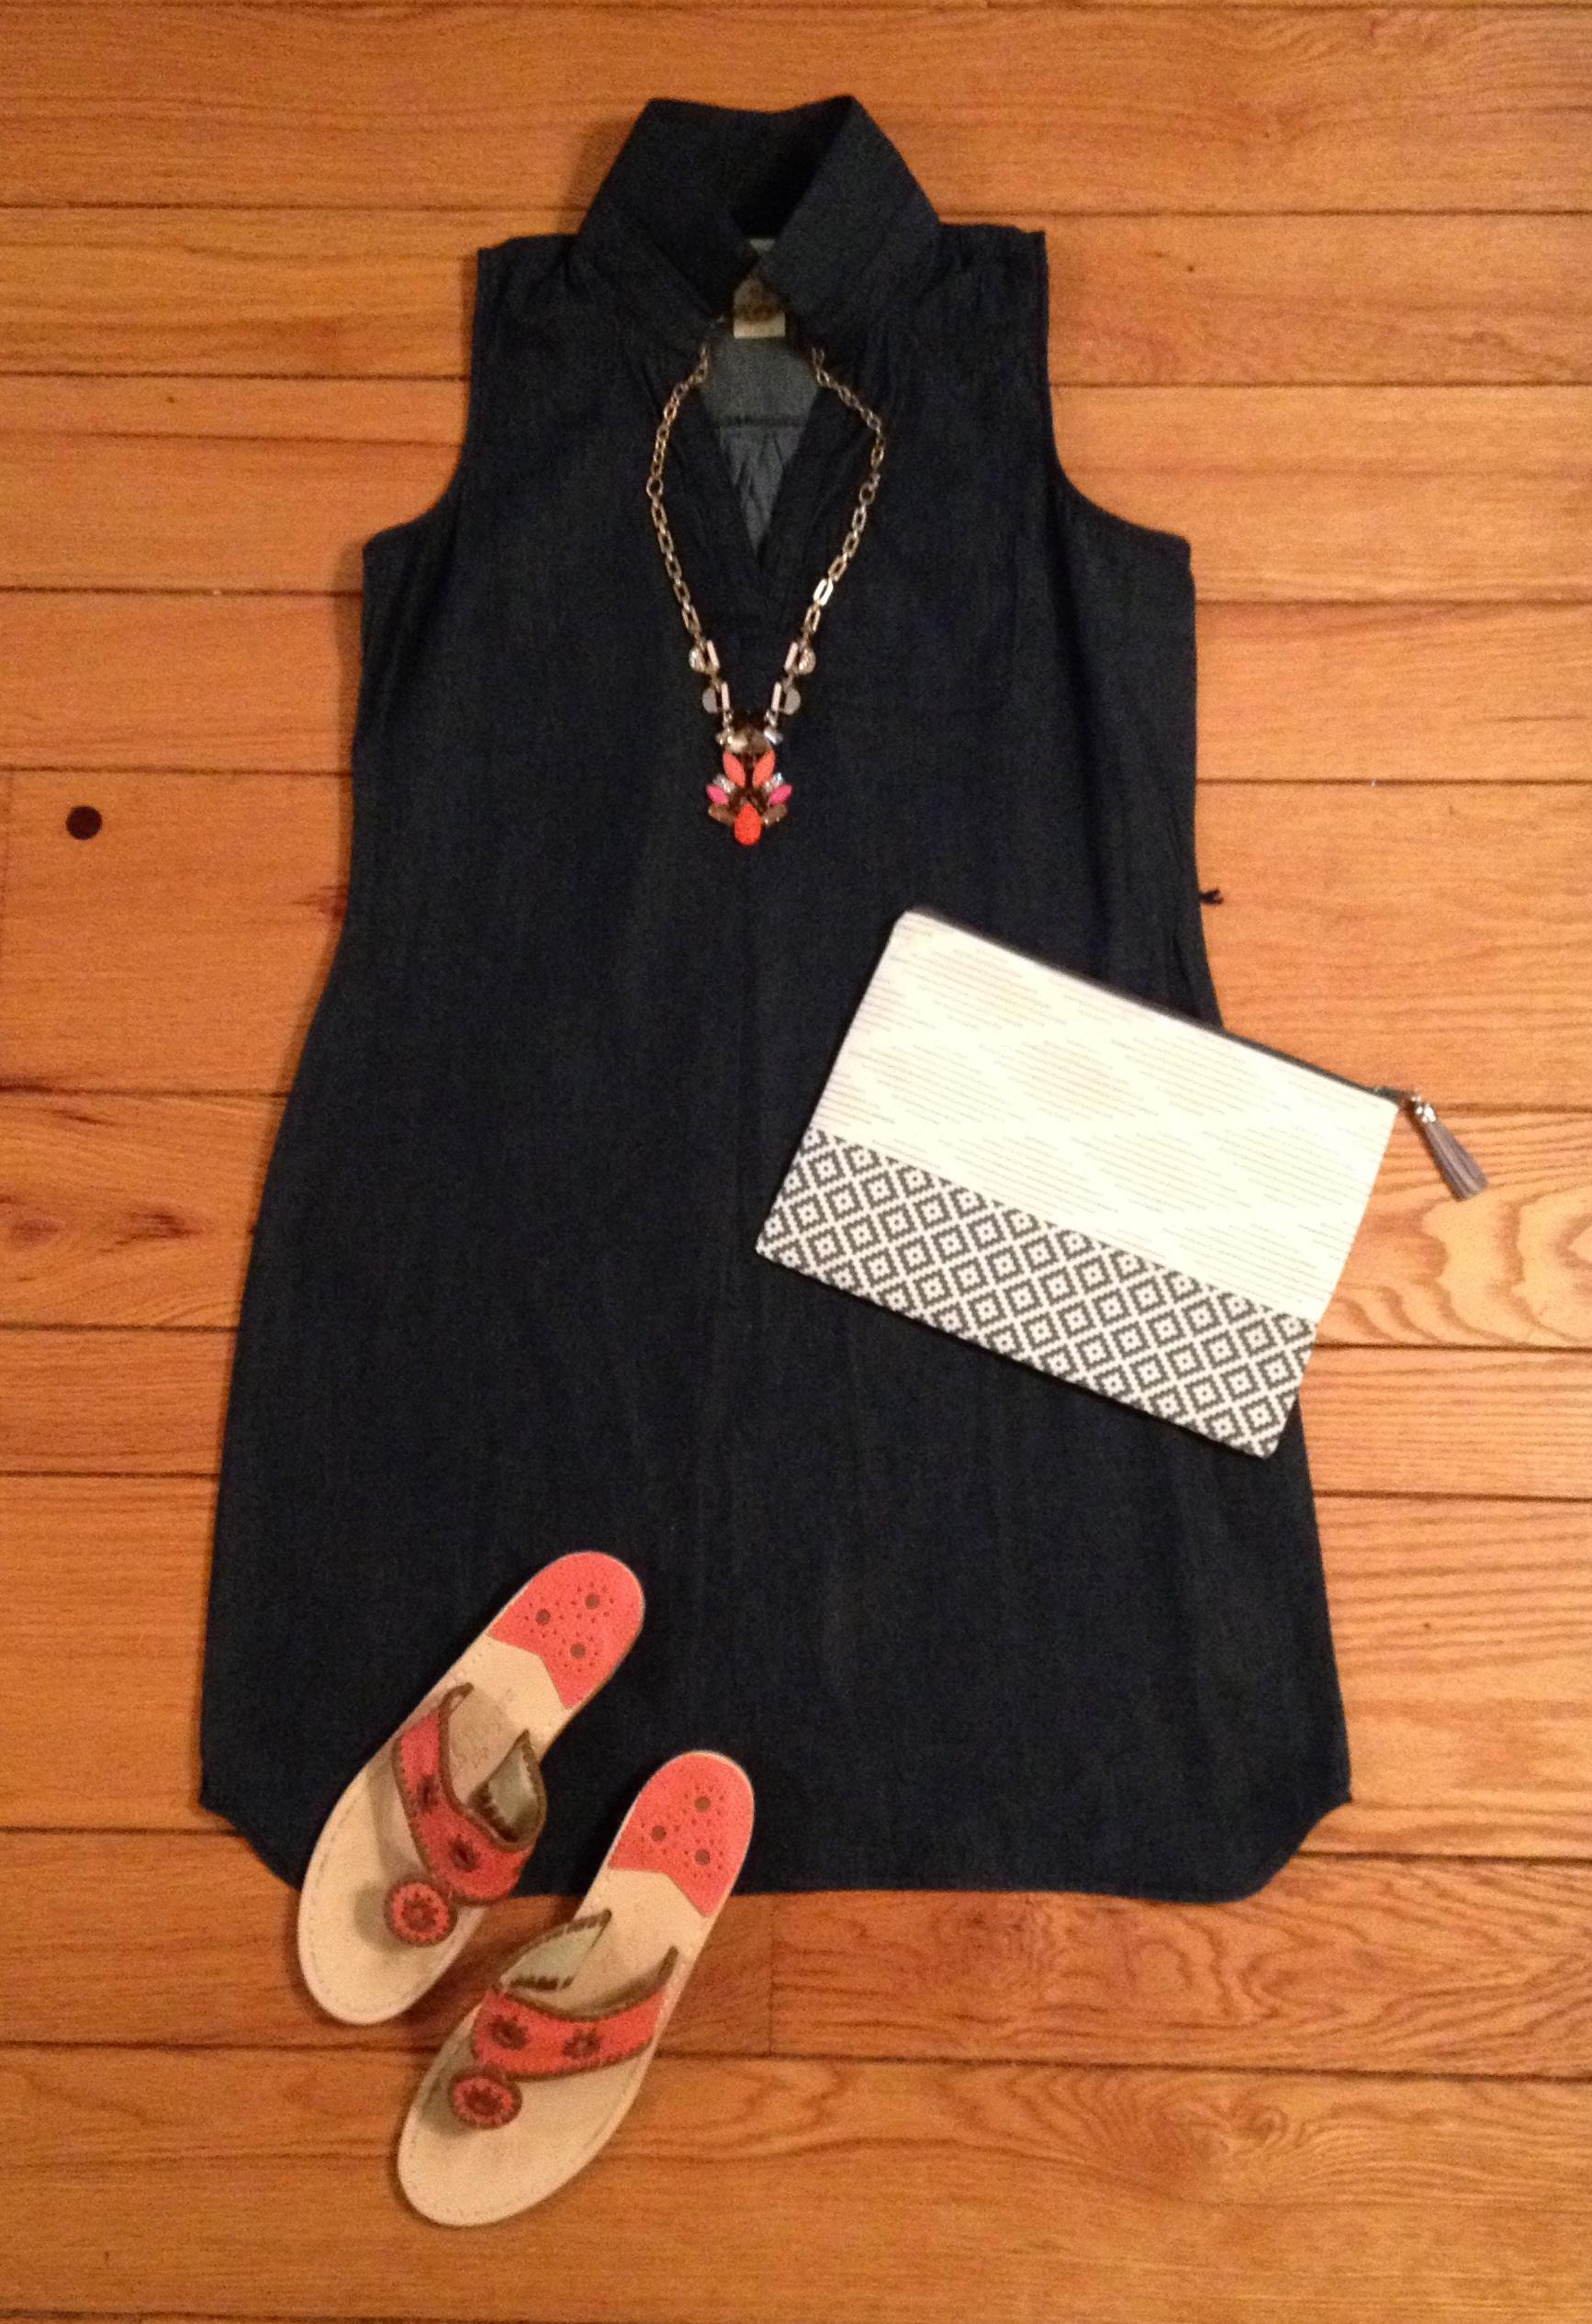 Denim Sleeveless Dress Outfit